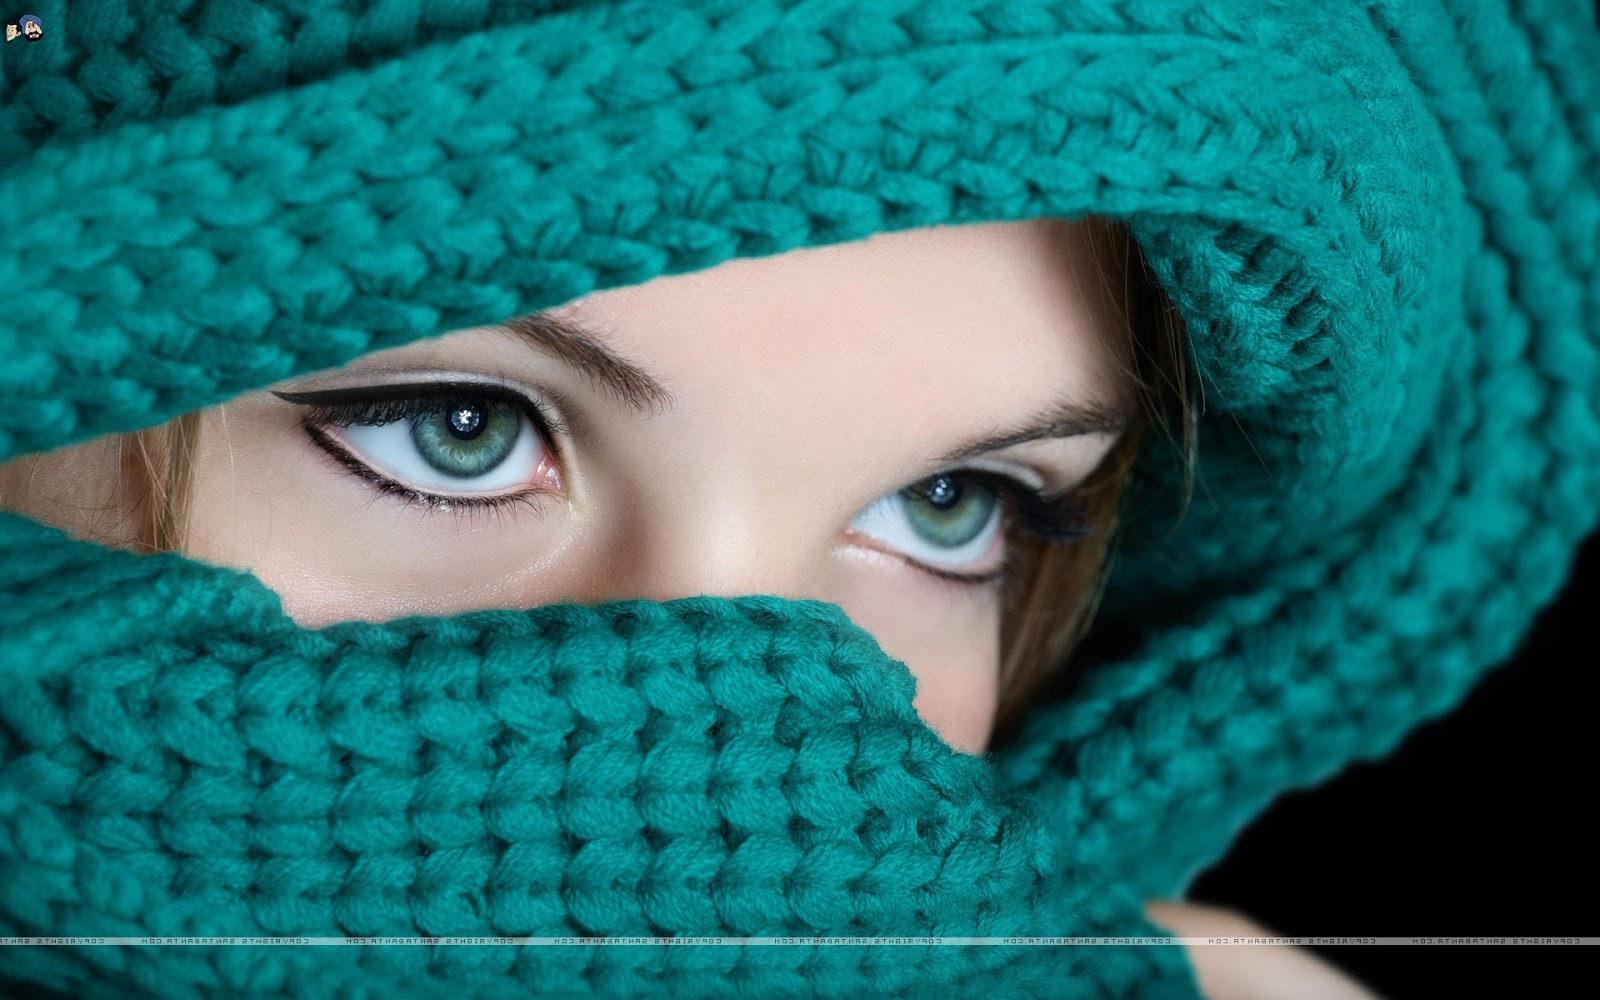 Ide Muslimah Bercadar Etdg Koleksi Wallpaper Wanita Muslimah Bercadar Fauzi Blog